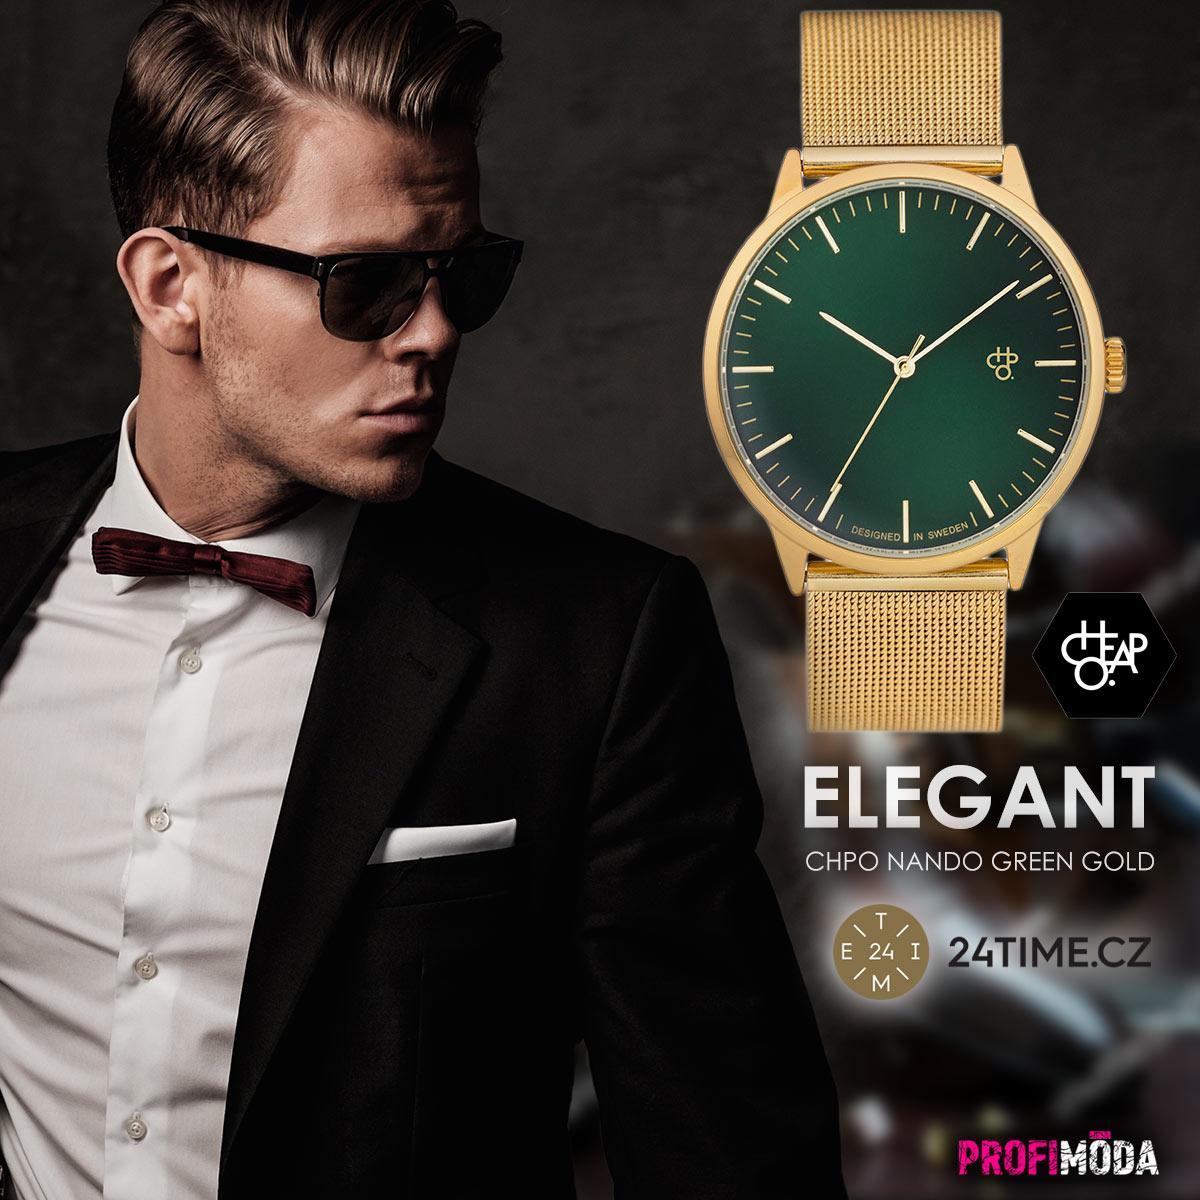 Elegance, unikátní design, ale i mimořádná kvalita, která není jen pro horních deset tisíc – to jsou hodinky švédské značky CHPO.